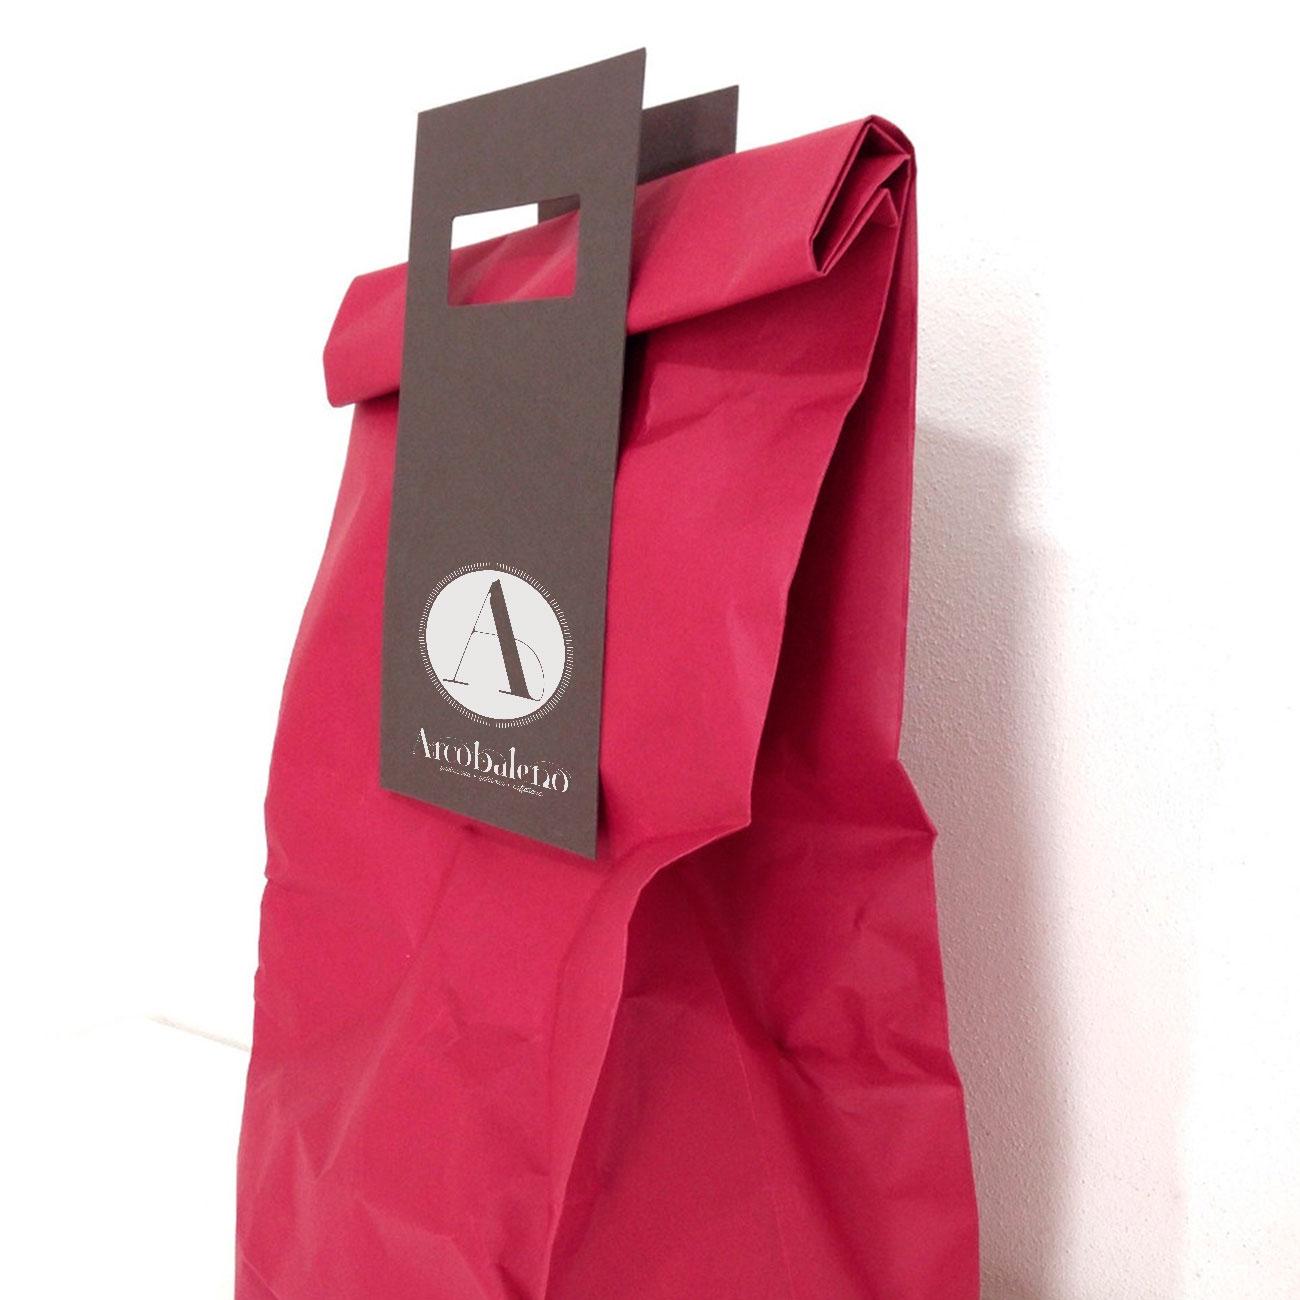 progettazione veste grafica packaging